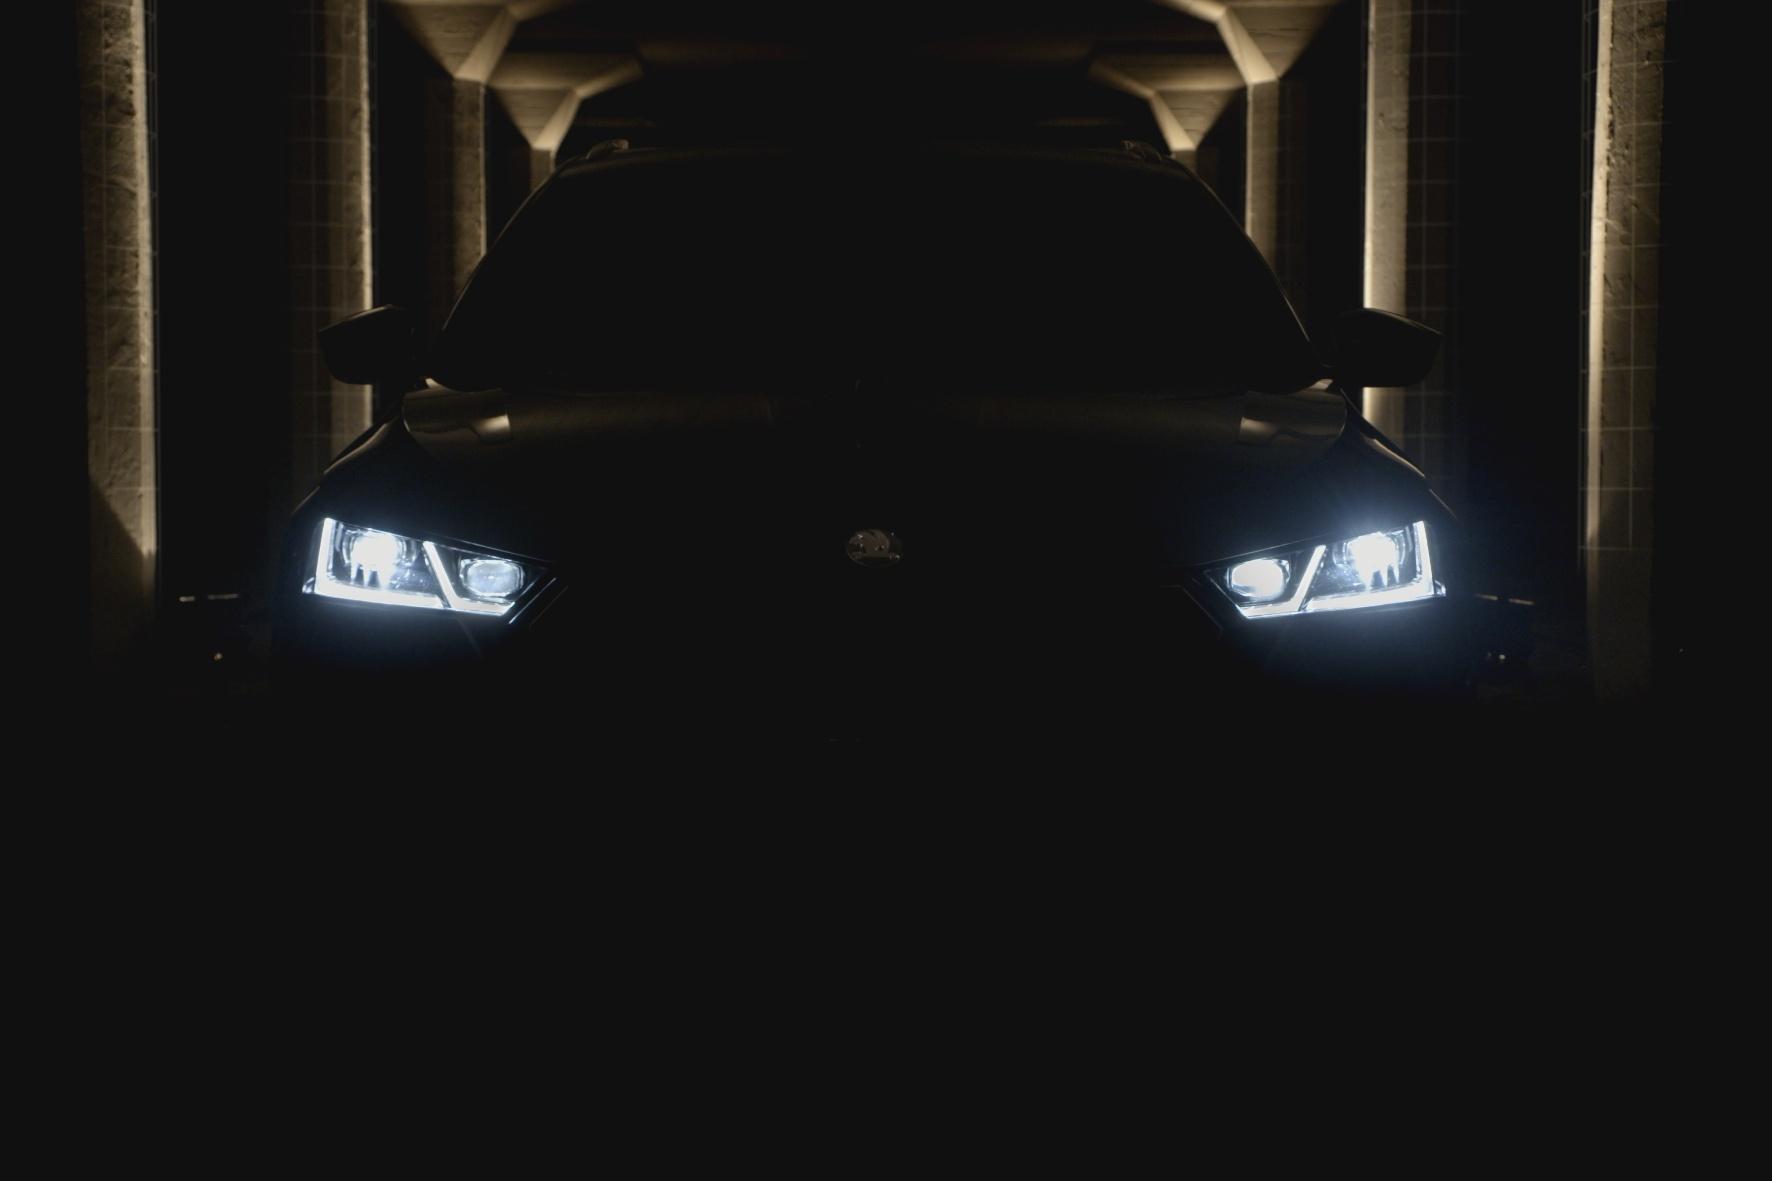 Mit dem Auto sicher durch die Dunkelheit